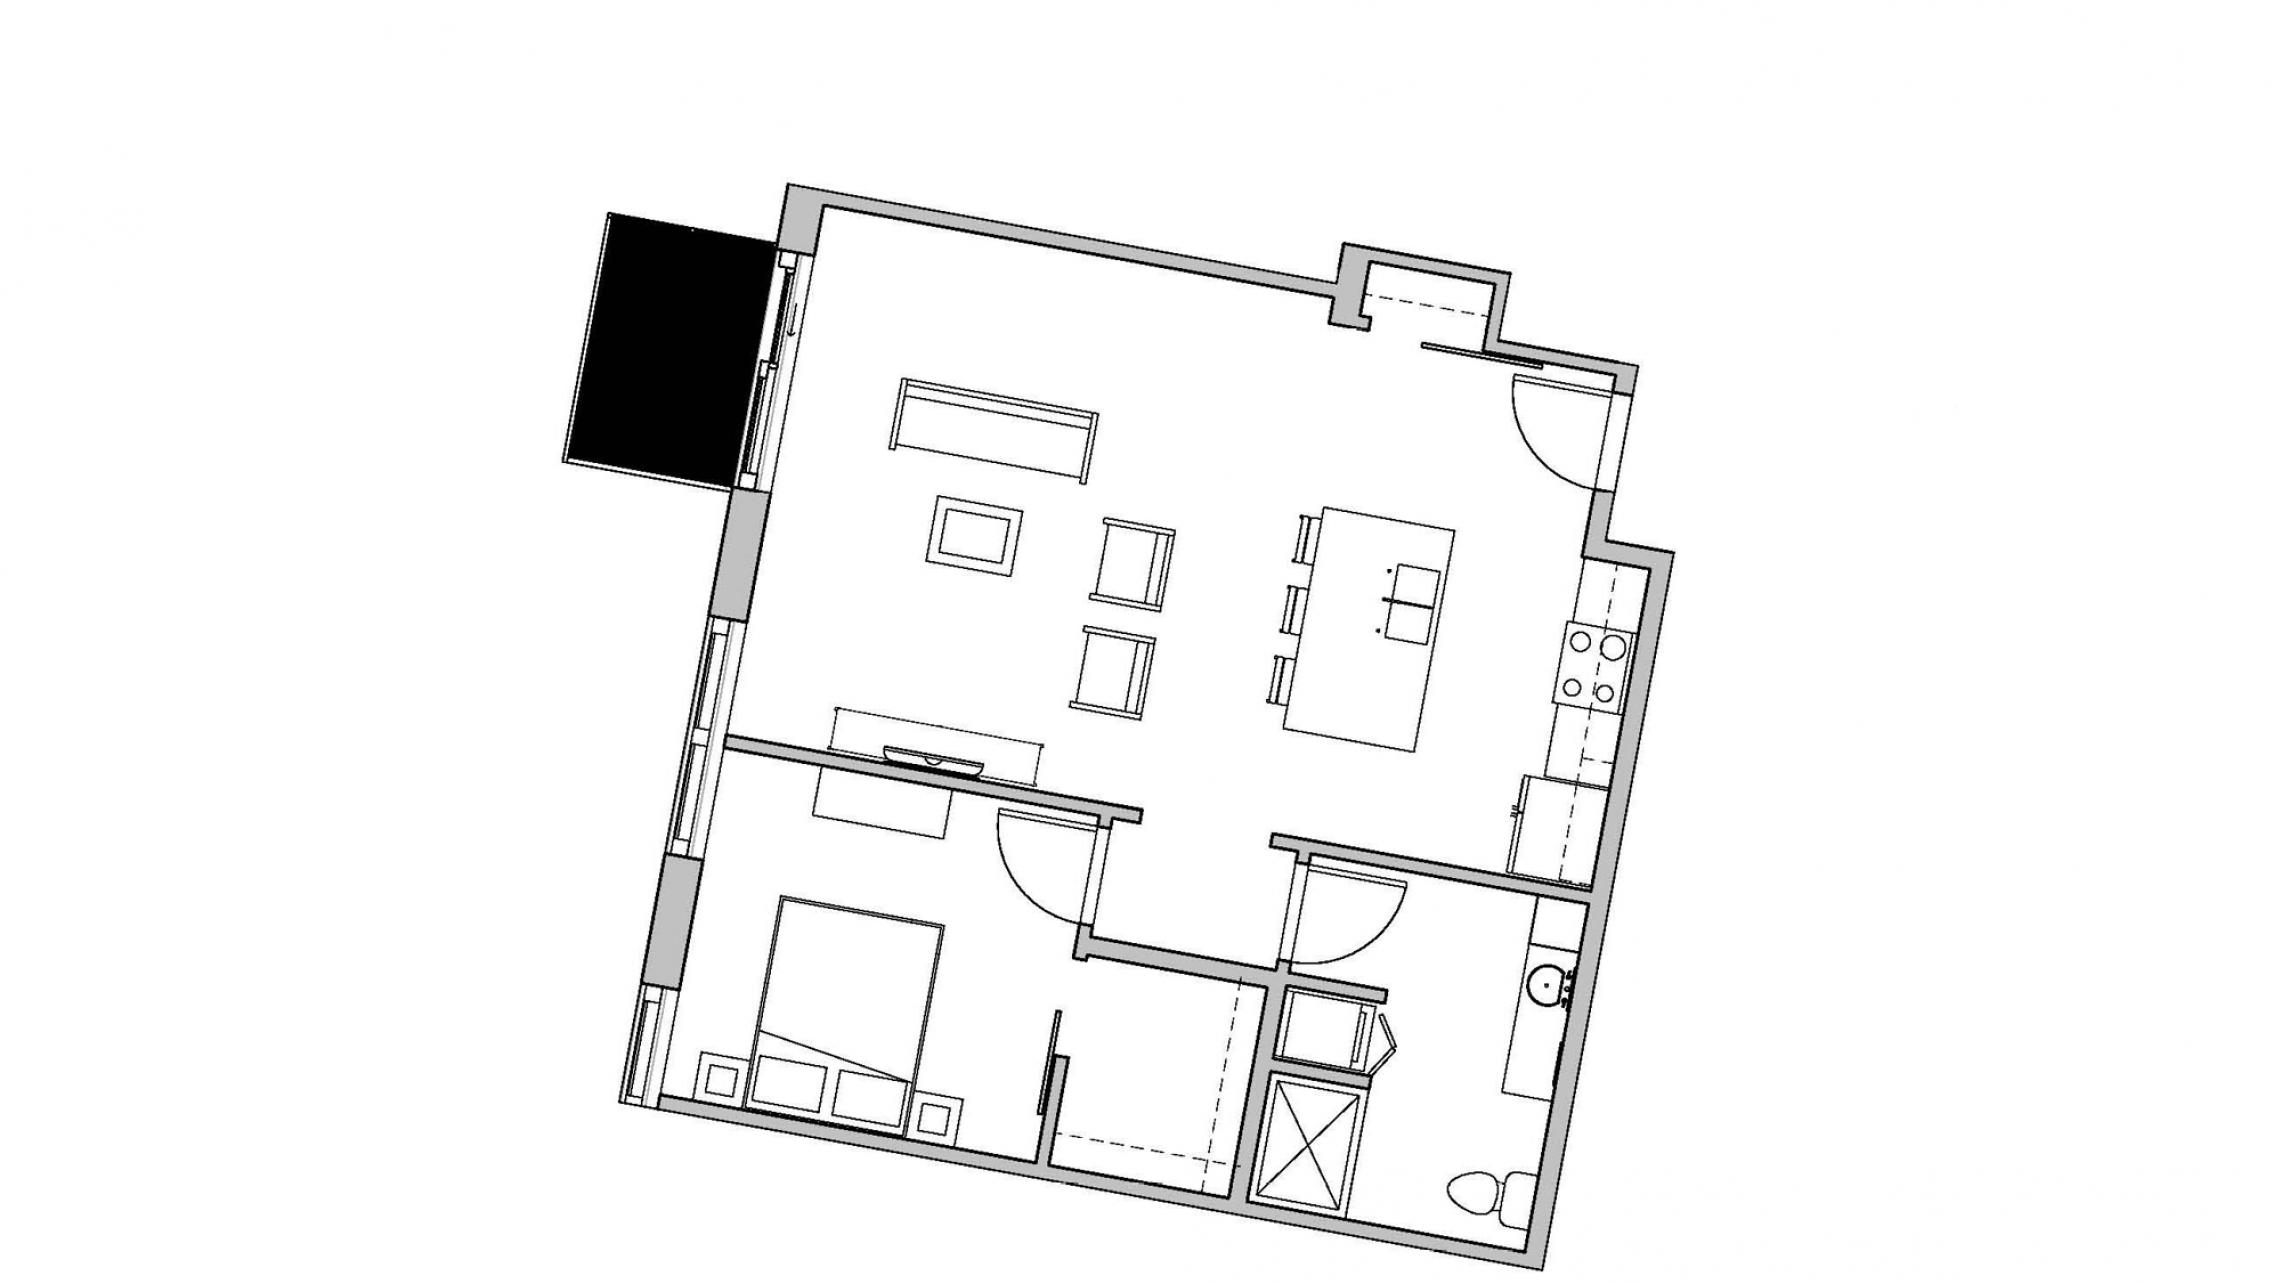 ULI Seven27 430 - One Bedroom, One Bathroom